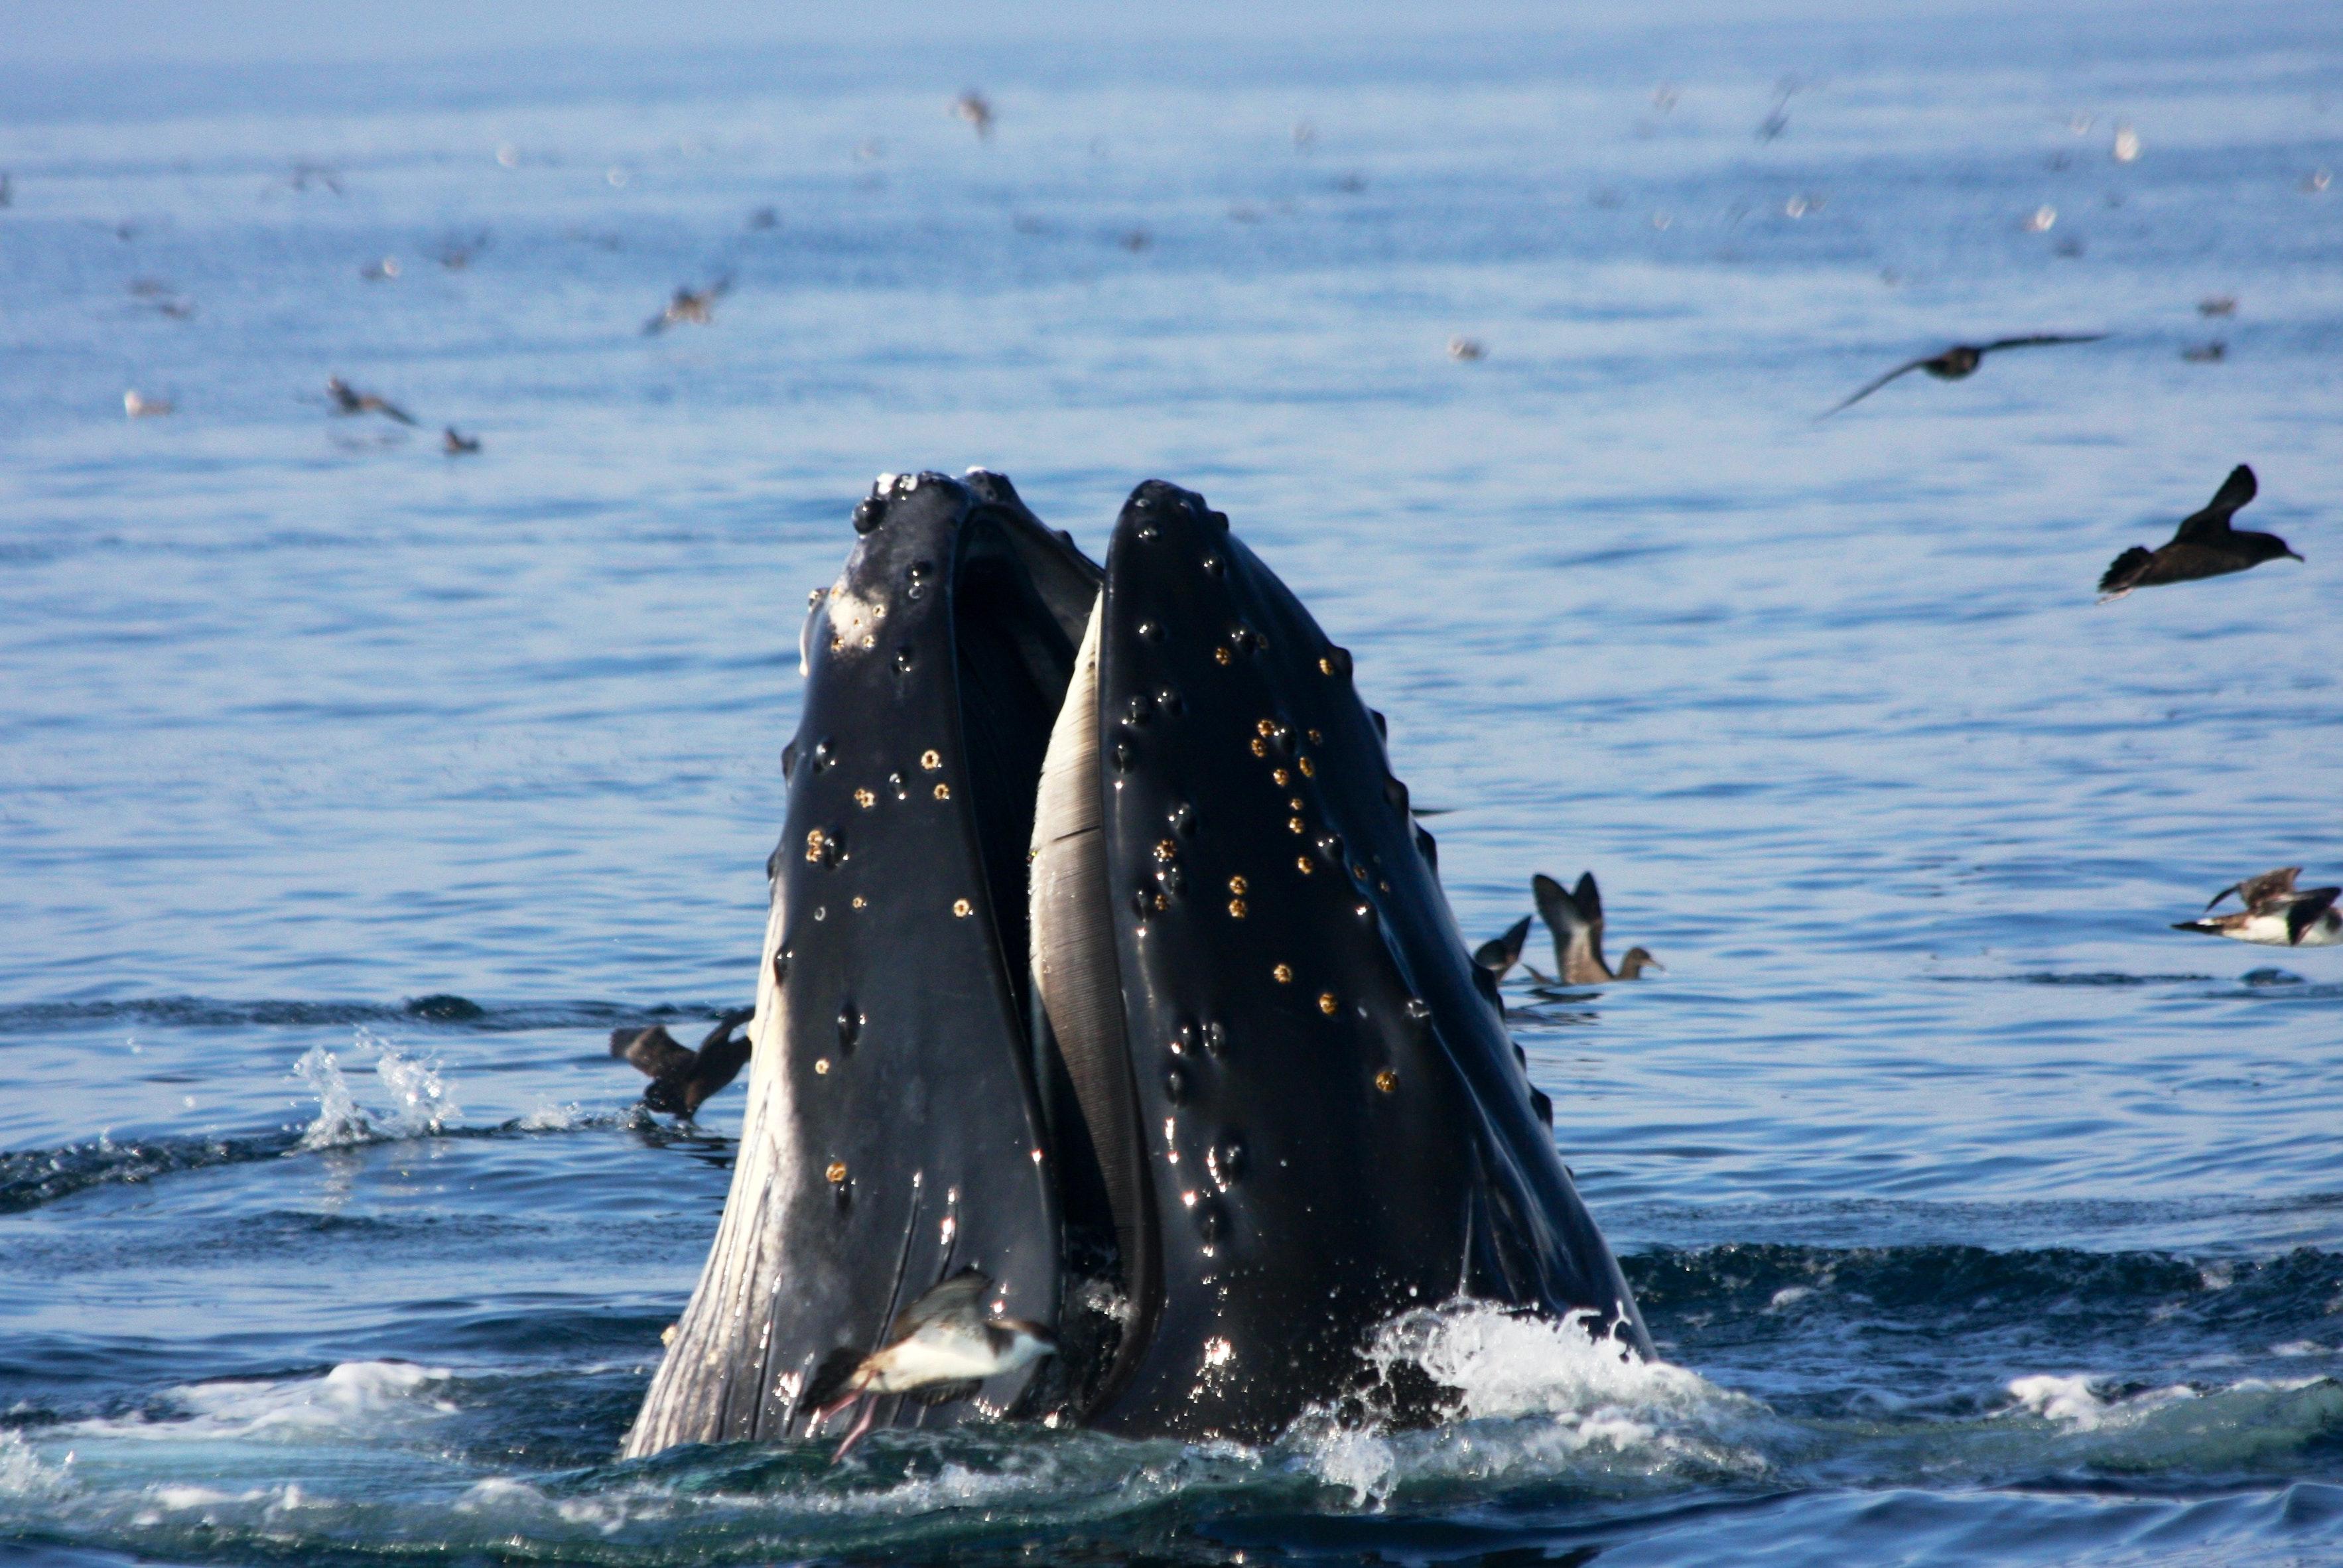 Lunge Feeding Whale – Photographer Dr. Elliott Hazen NMFS/SWFSC/ERD